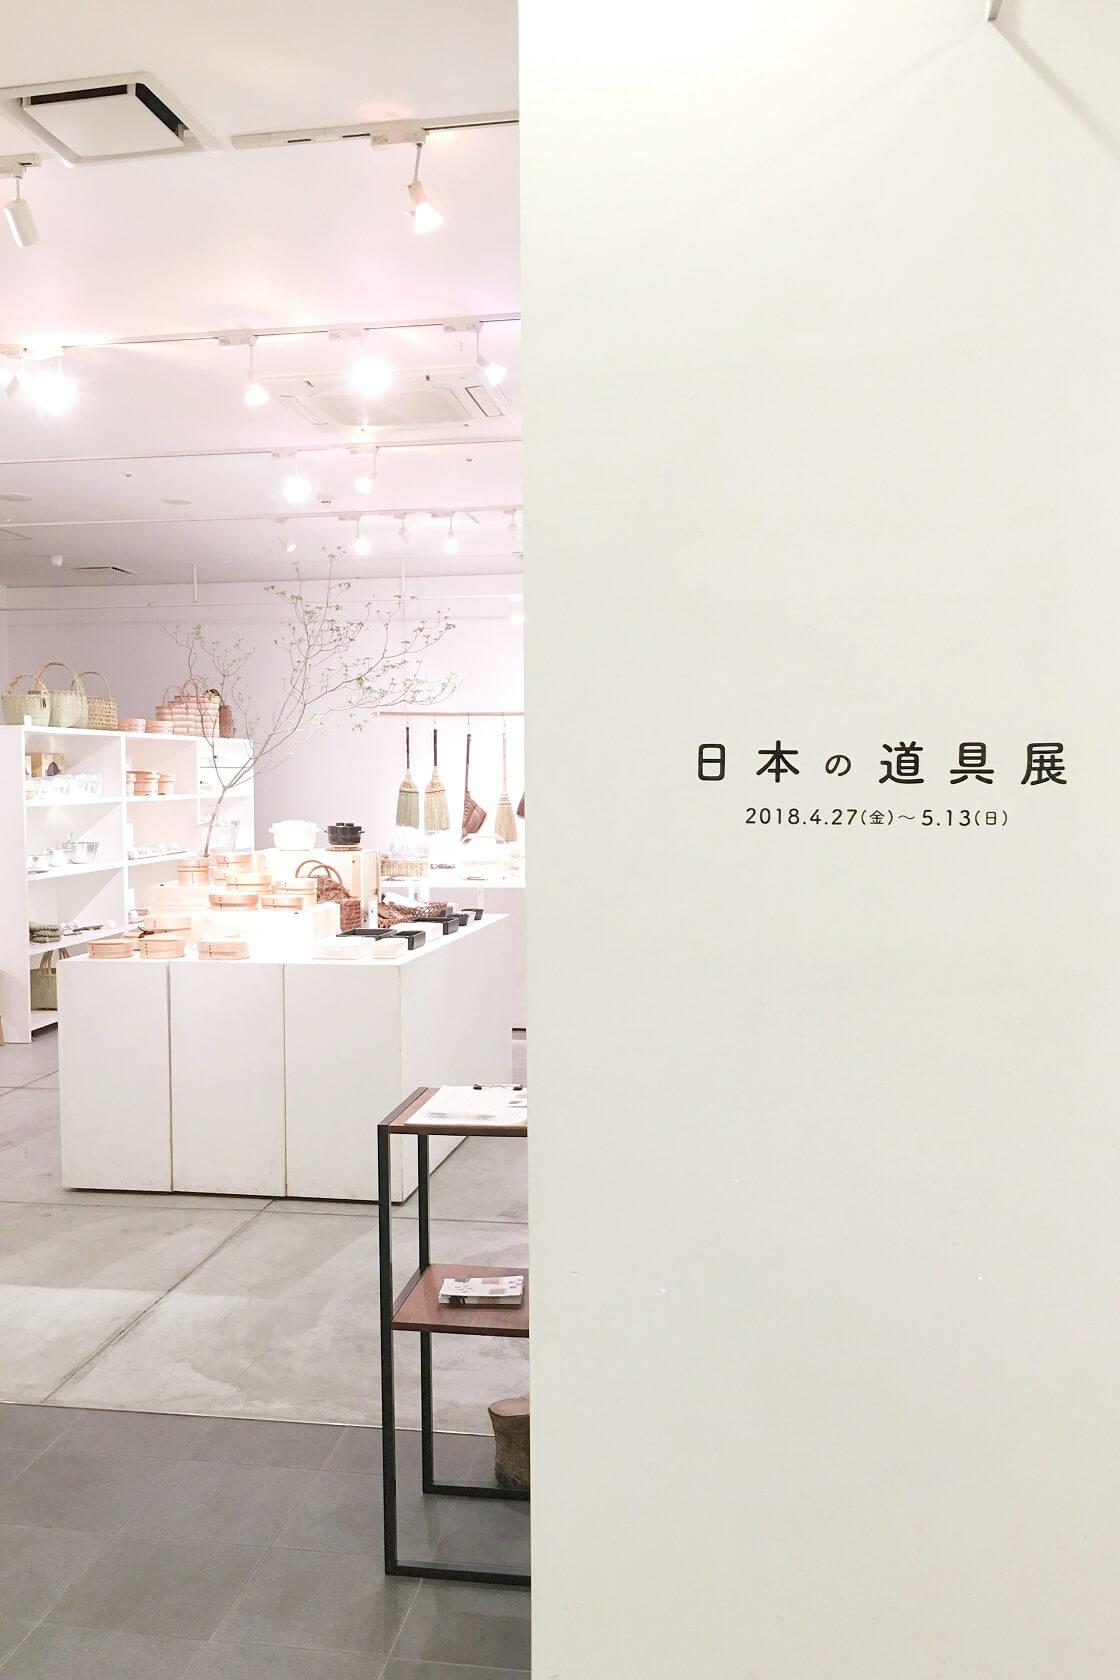 日本の道具展の開催風景